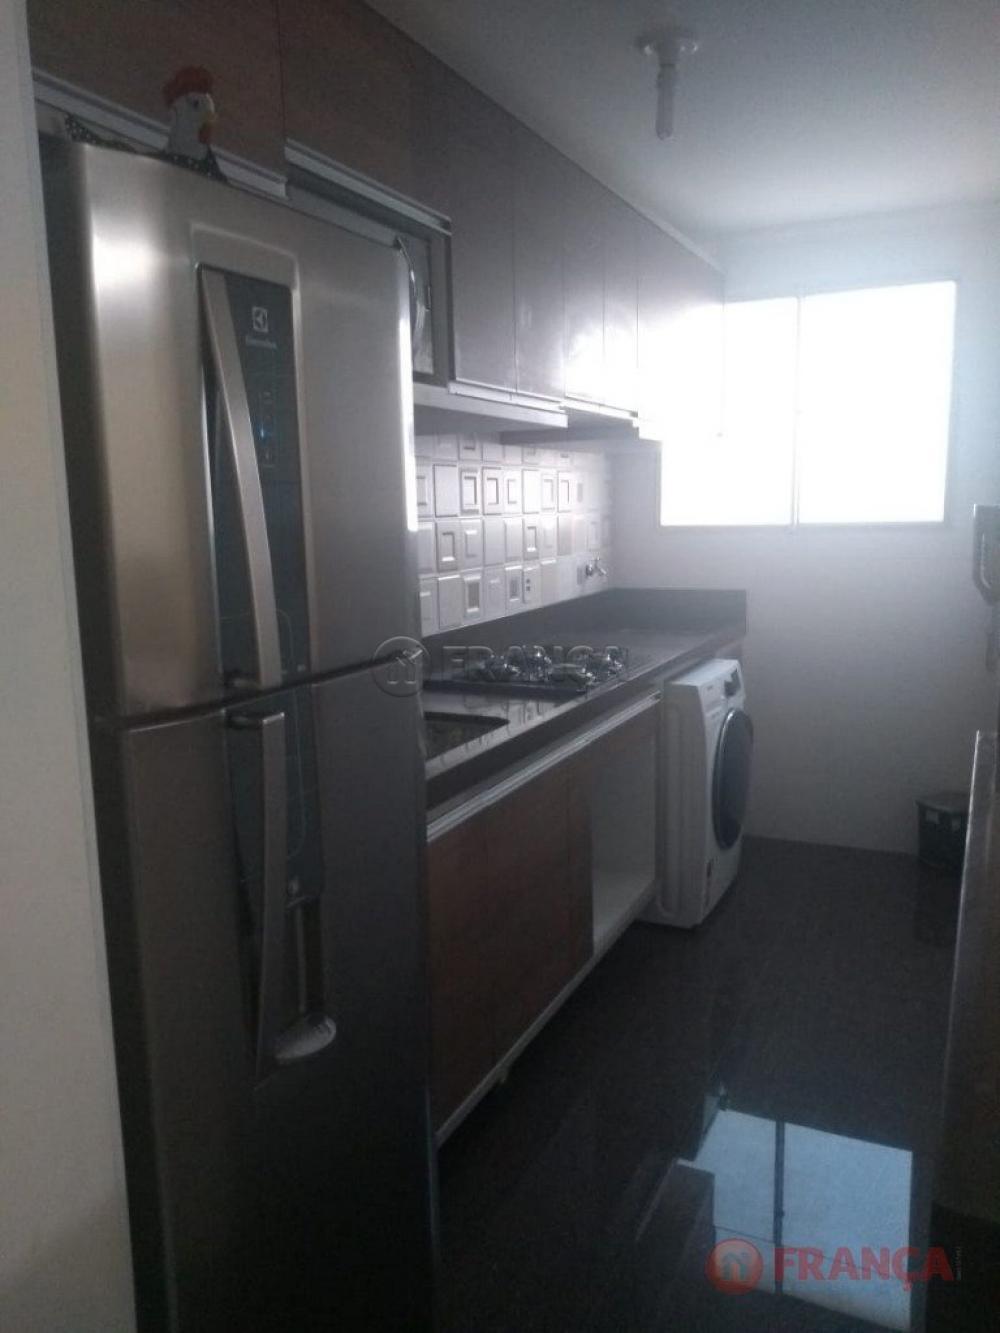 Comprar Apartamento / Padrão em Jacareí apenas R$ 170.000,00 - Foto 7